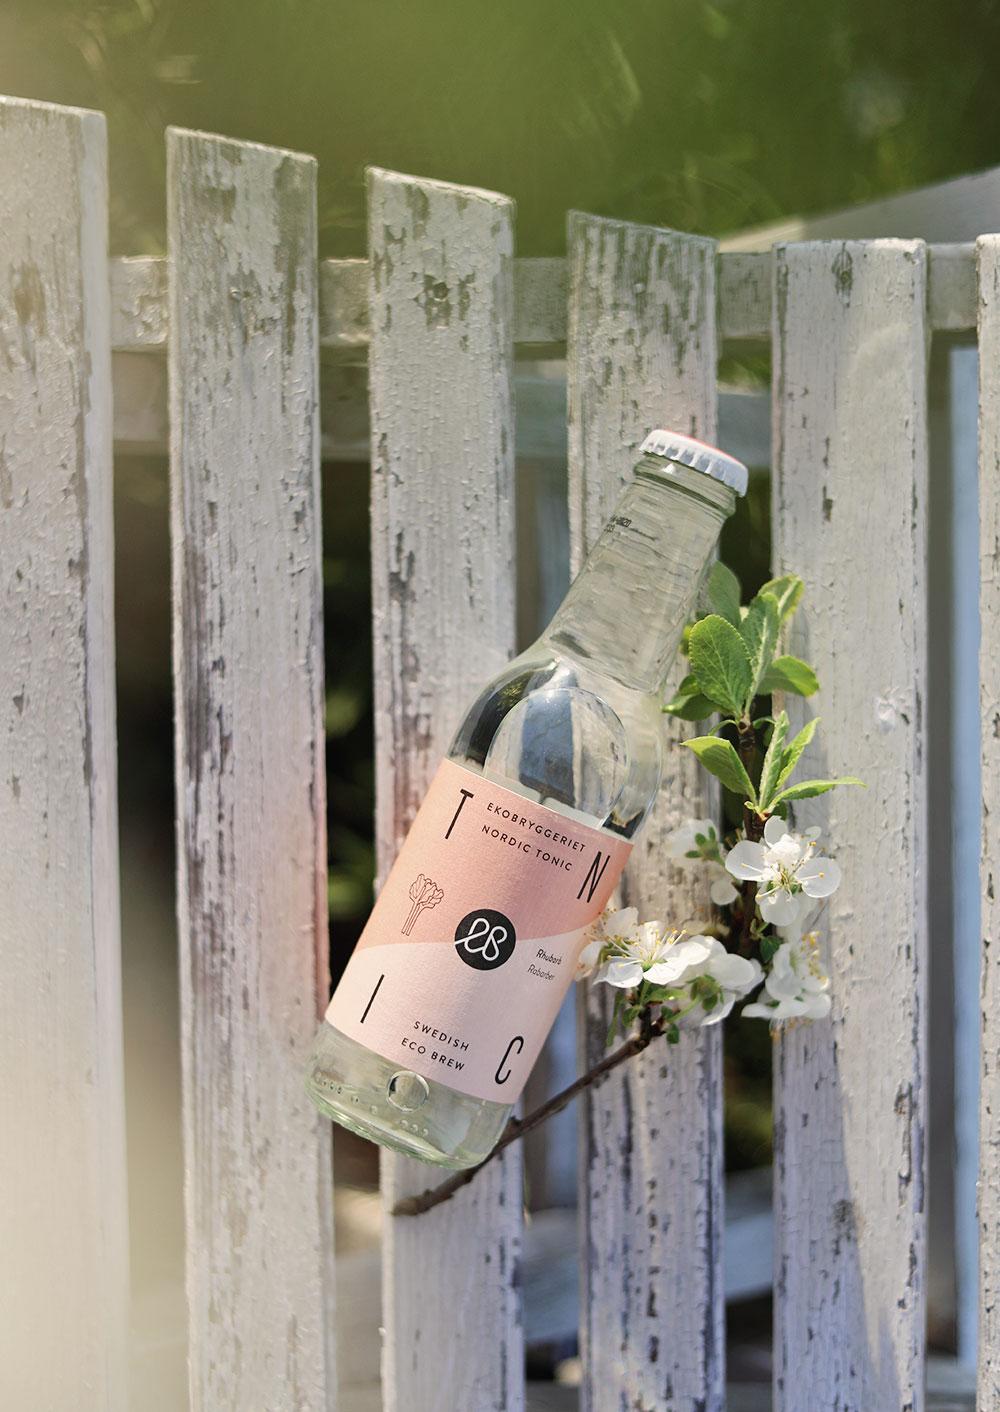 ekobryggeriet ekologisk drink ekologiska drinkar bär sommardrinkar rabarber lavendel torp gotland trädgård